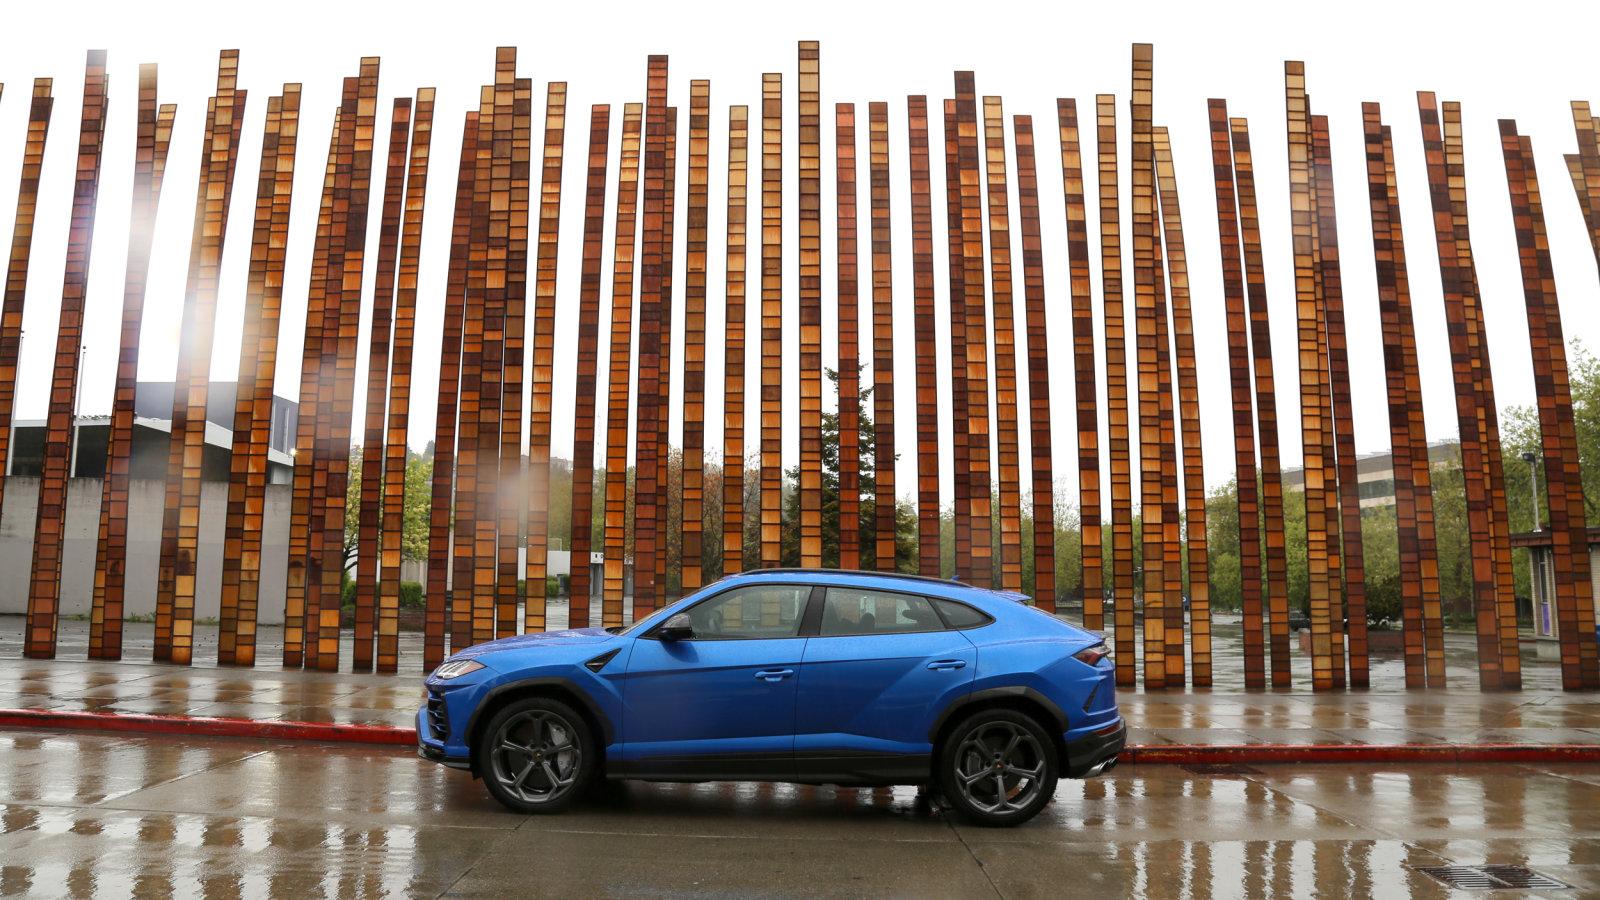 2020 Lamborghini Urus Practice Run Testimonial Rate, attributes, specifications, pictures